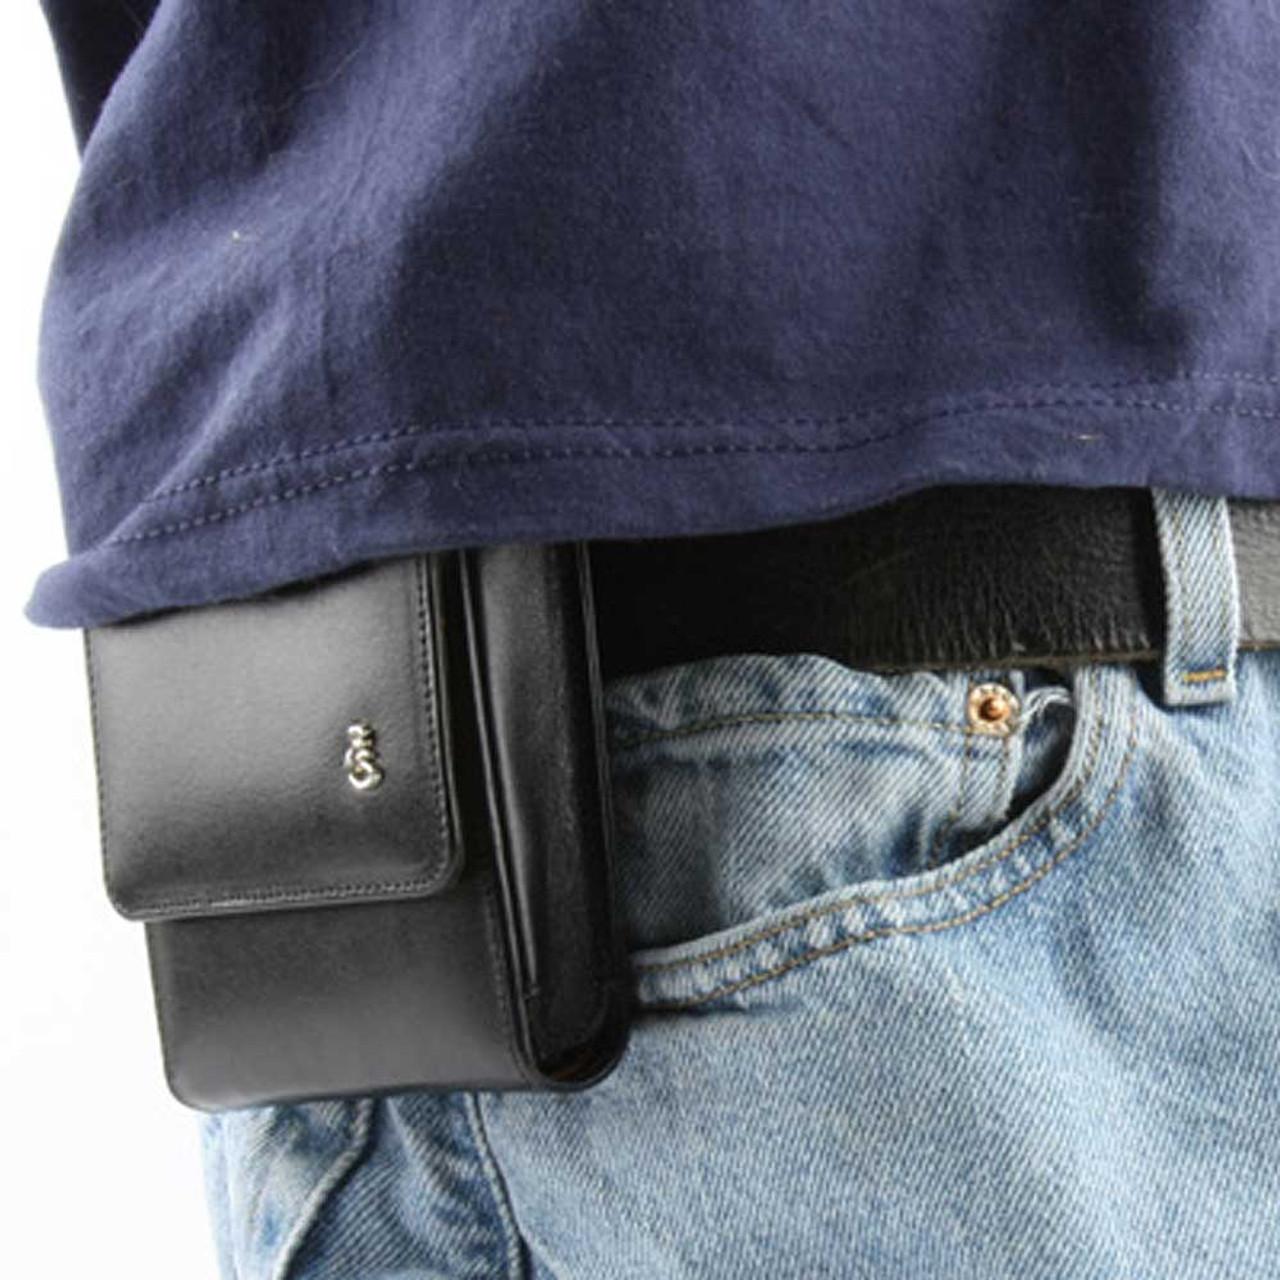 Seecamp .32 Sneaky Pete Holster (Belt Clip)